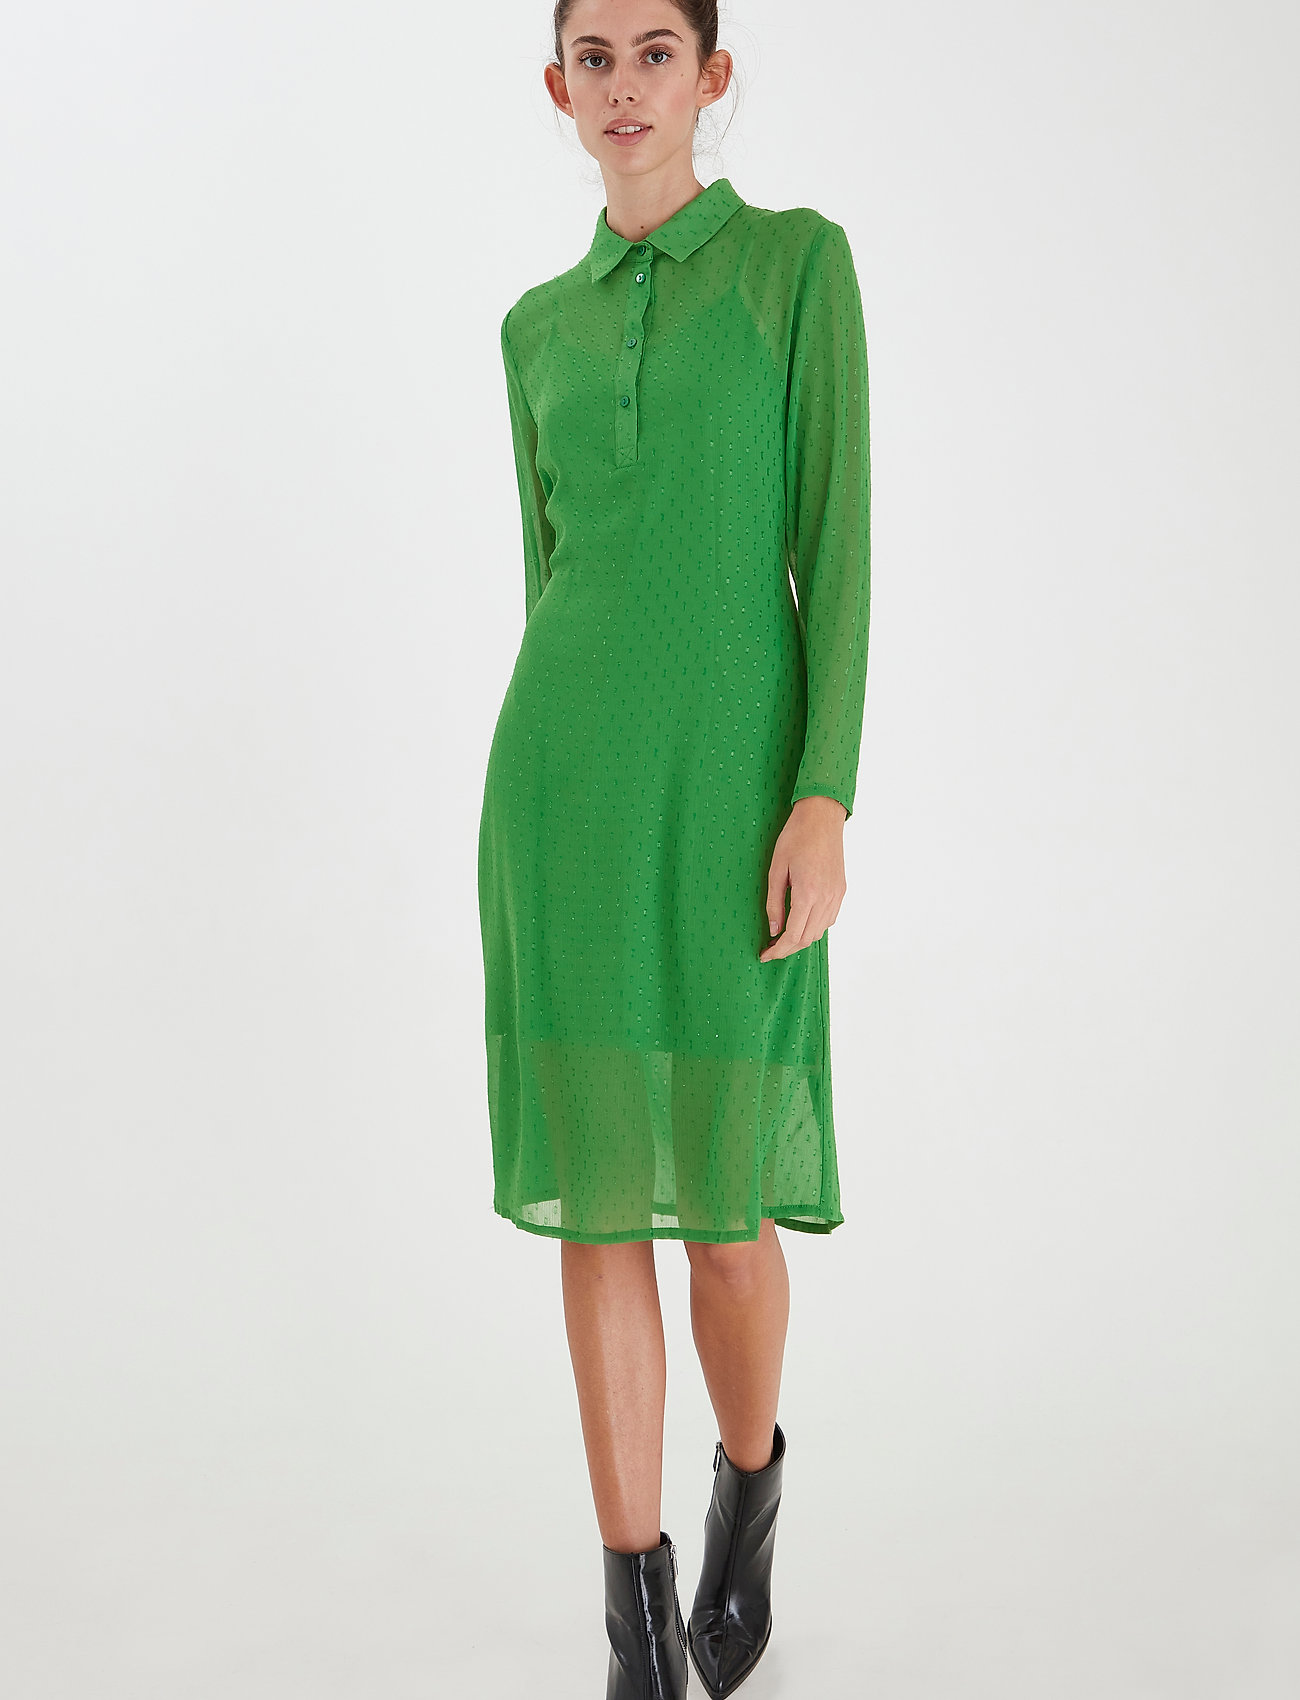 ICHI - IHCOMONA DR - everyday dresses - amazon - 0